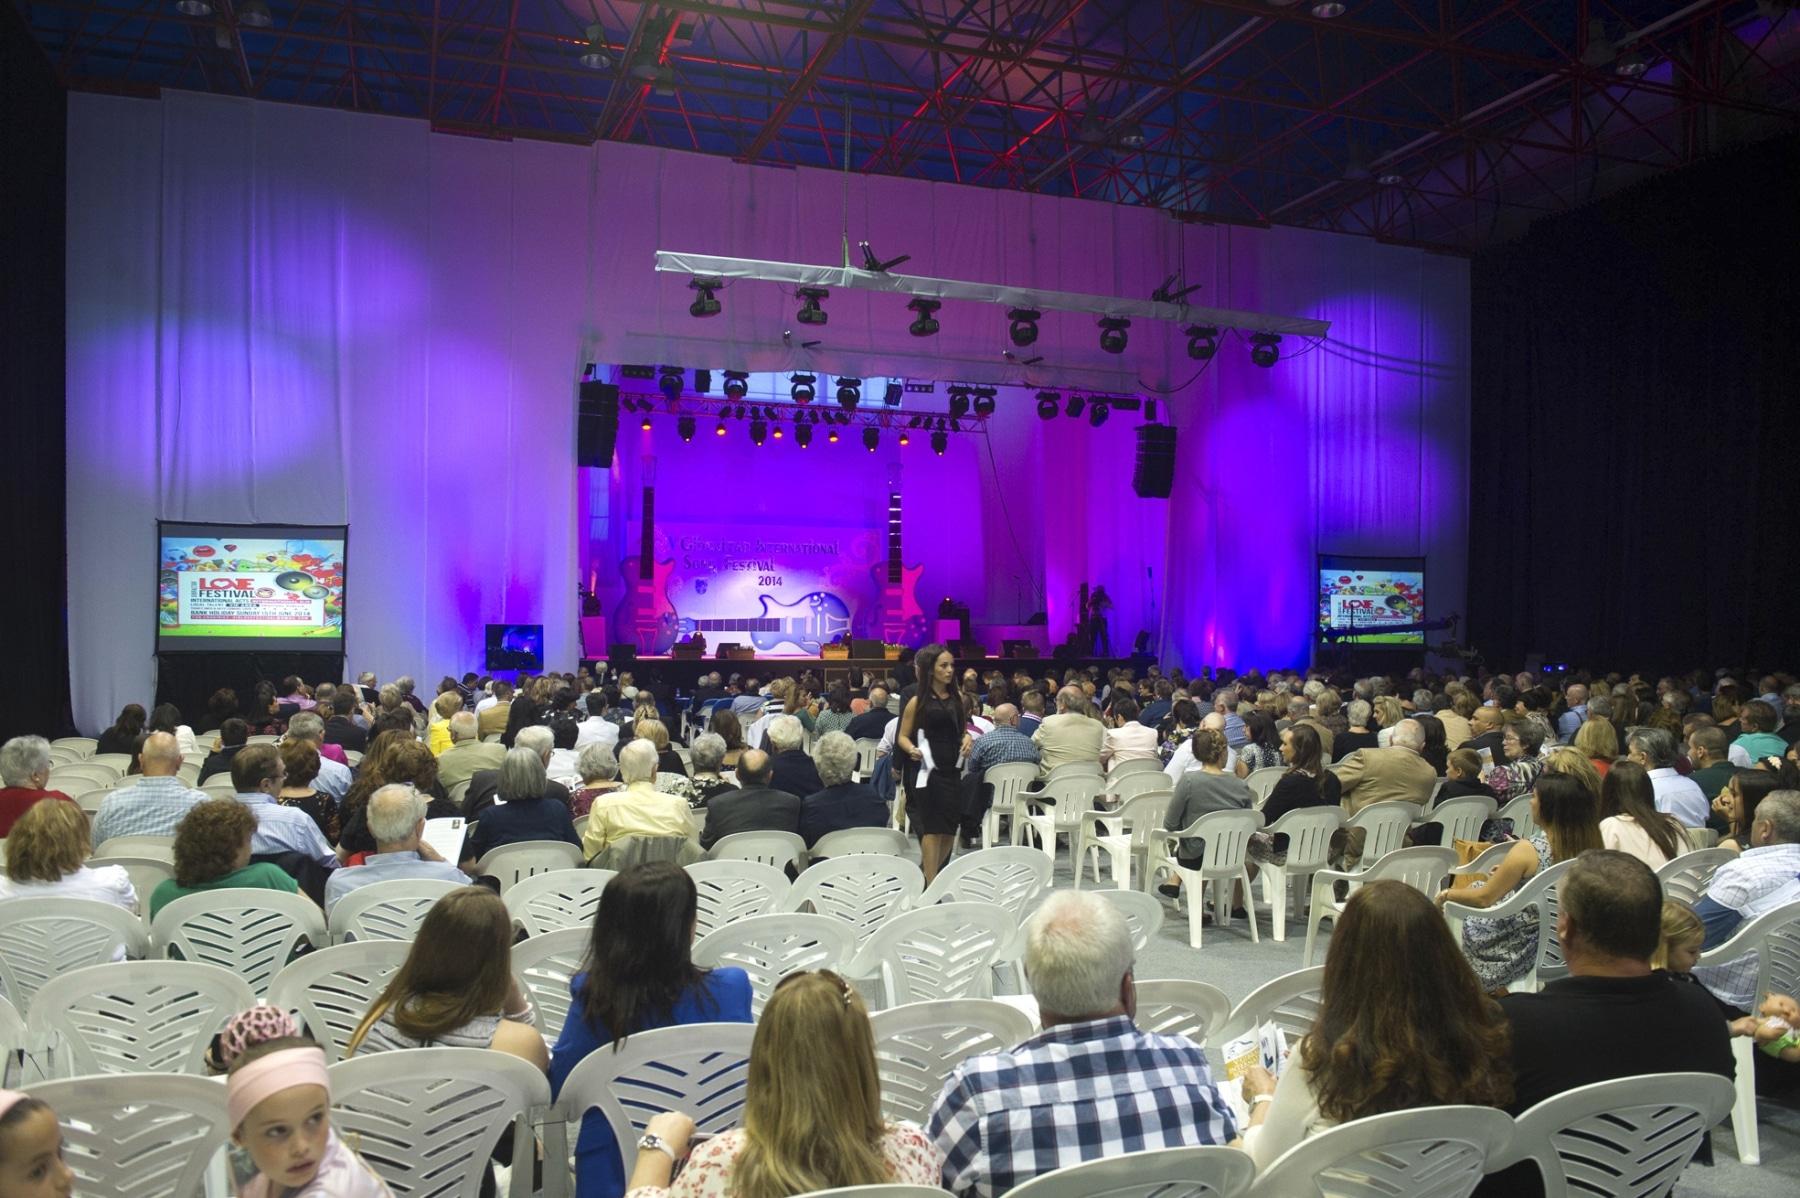 pblico-en-el-tercentenary-hall-de-gibraltar_14029841762_o